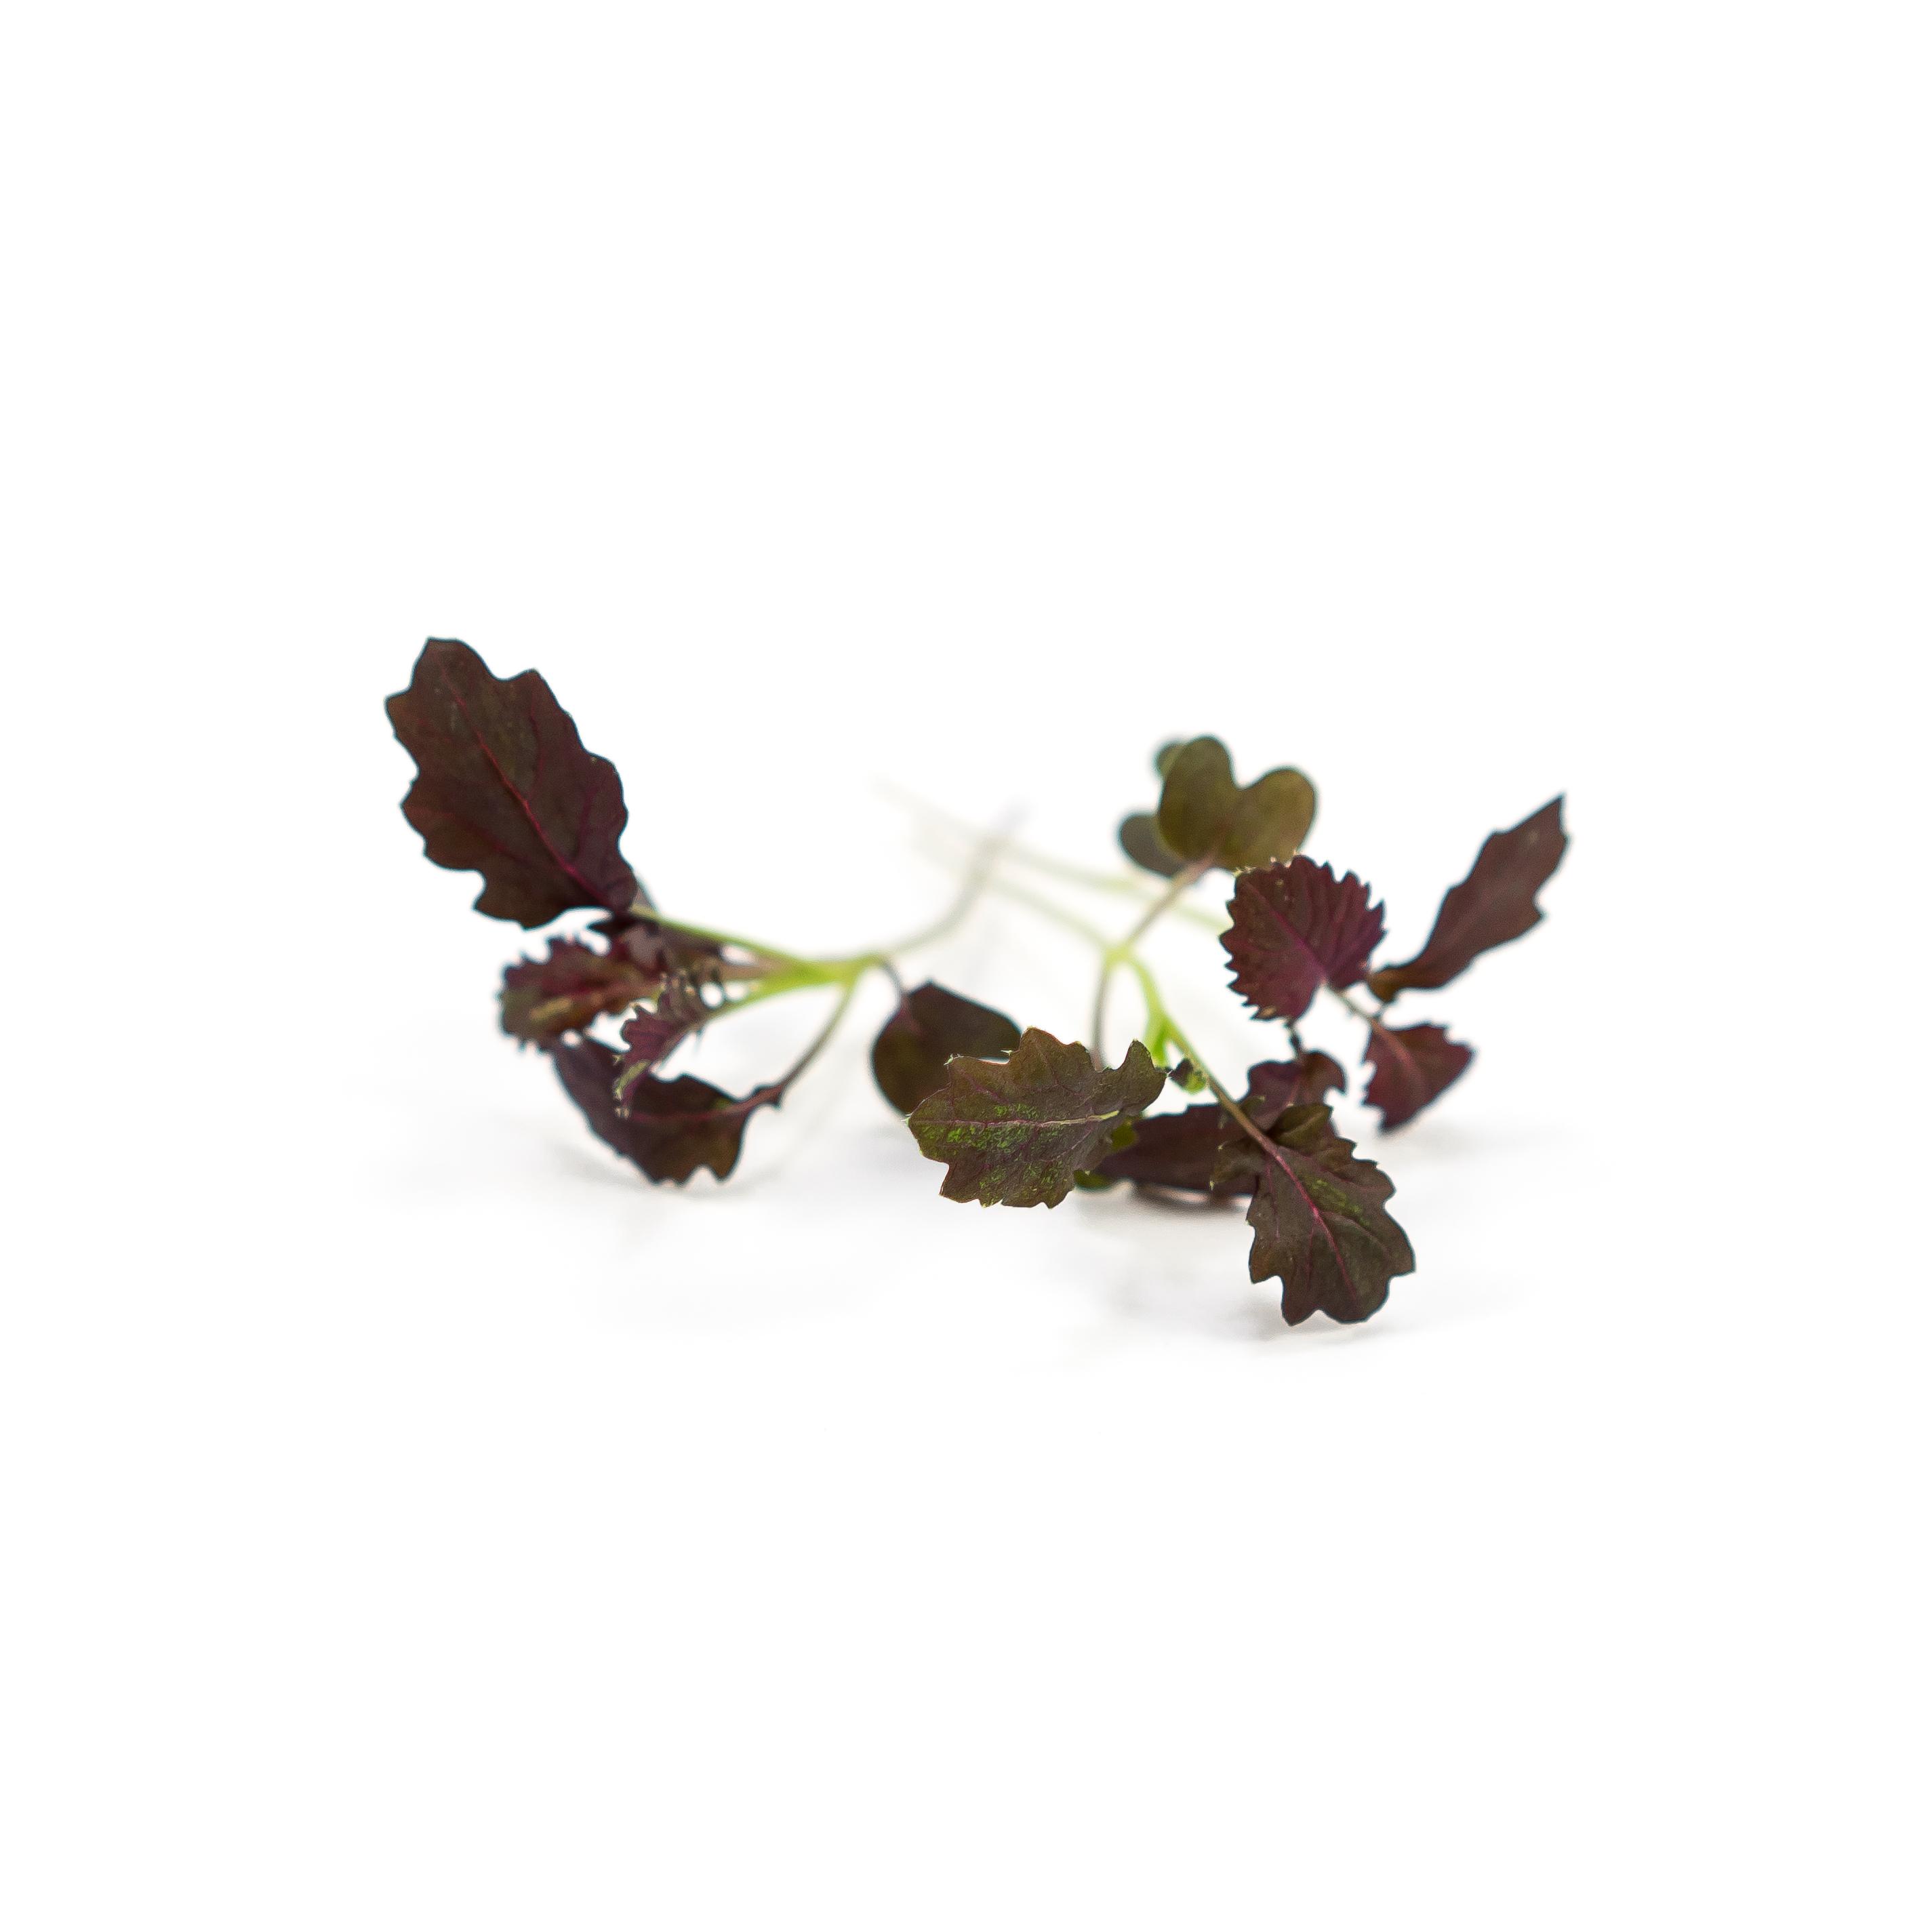 Dark purple color serrated leaves with mild mustard taste